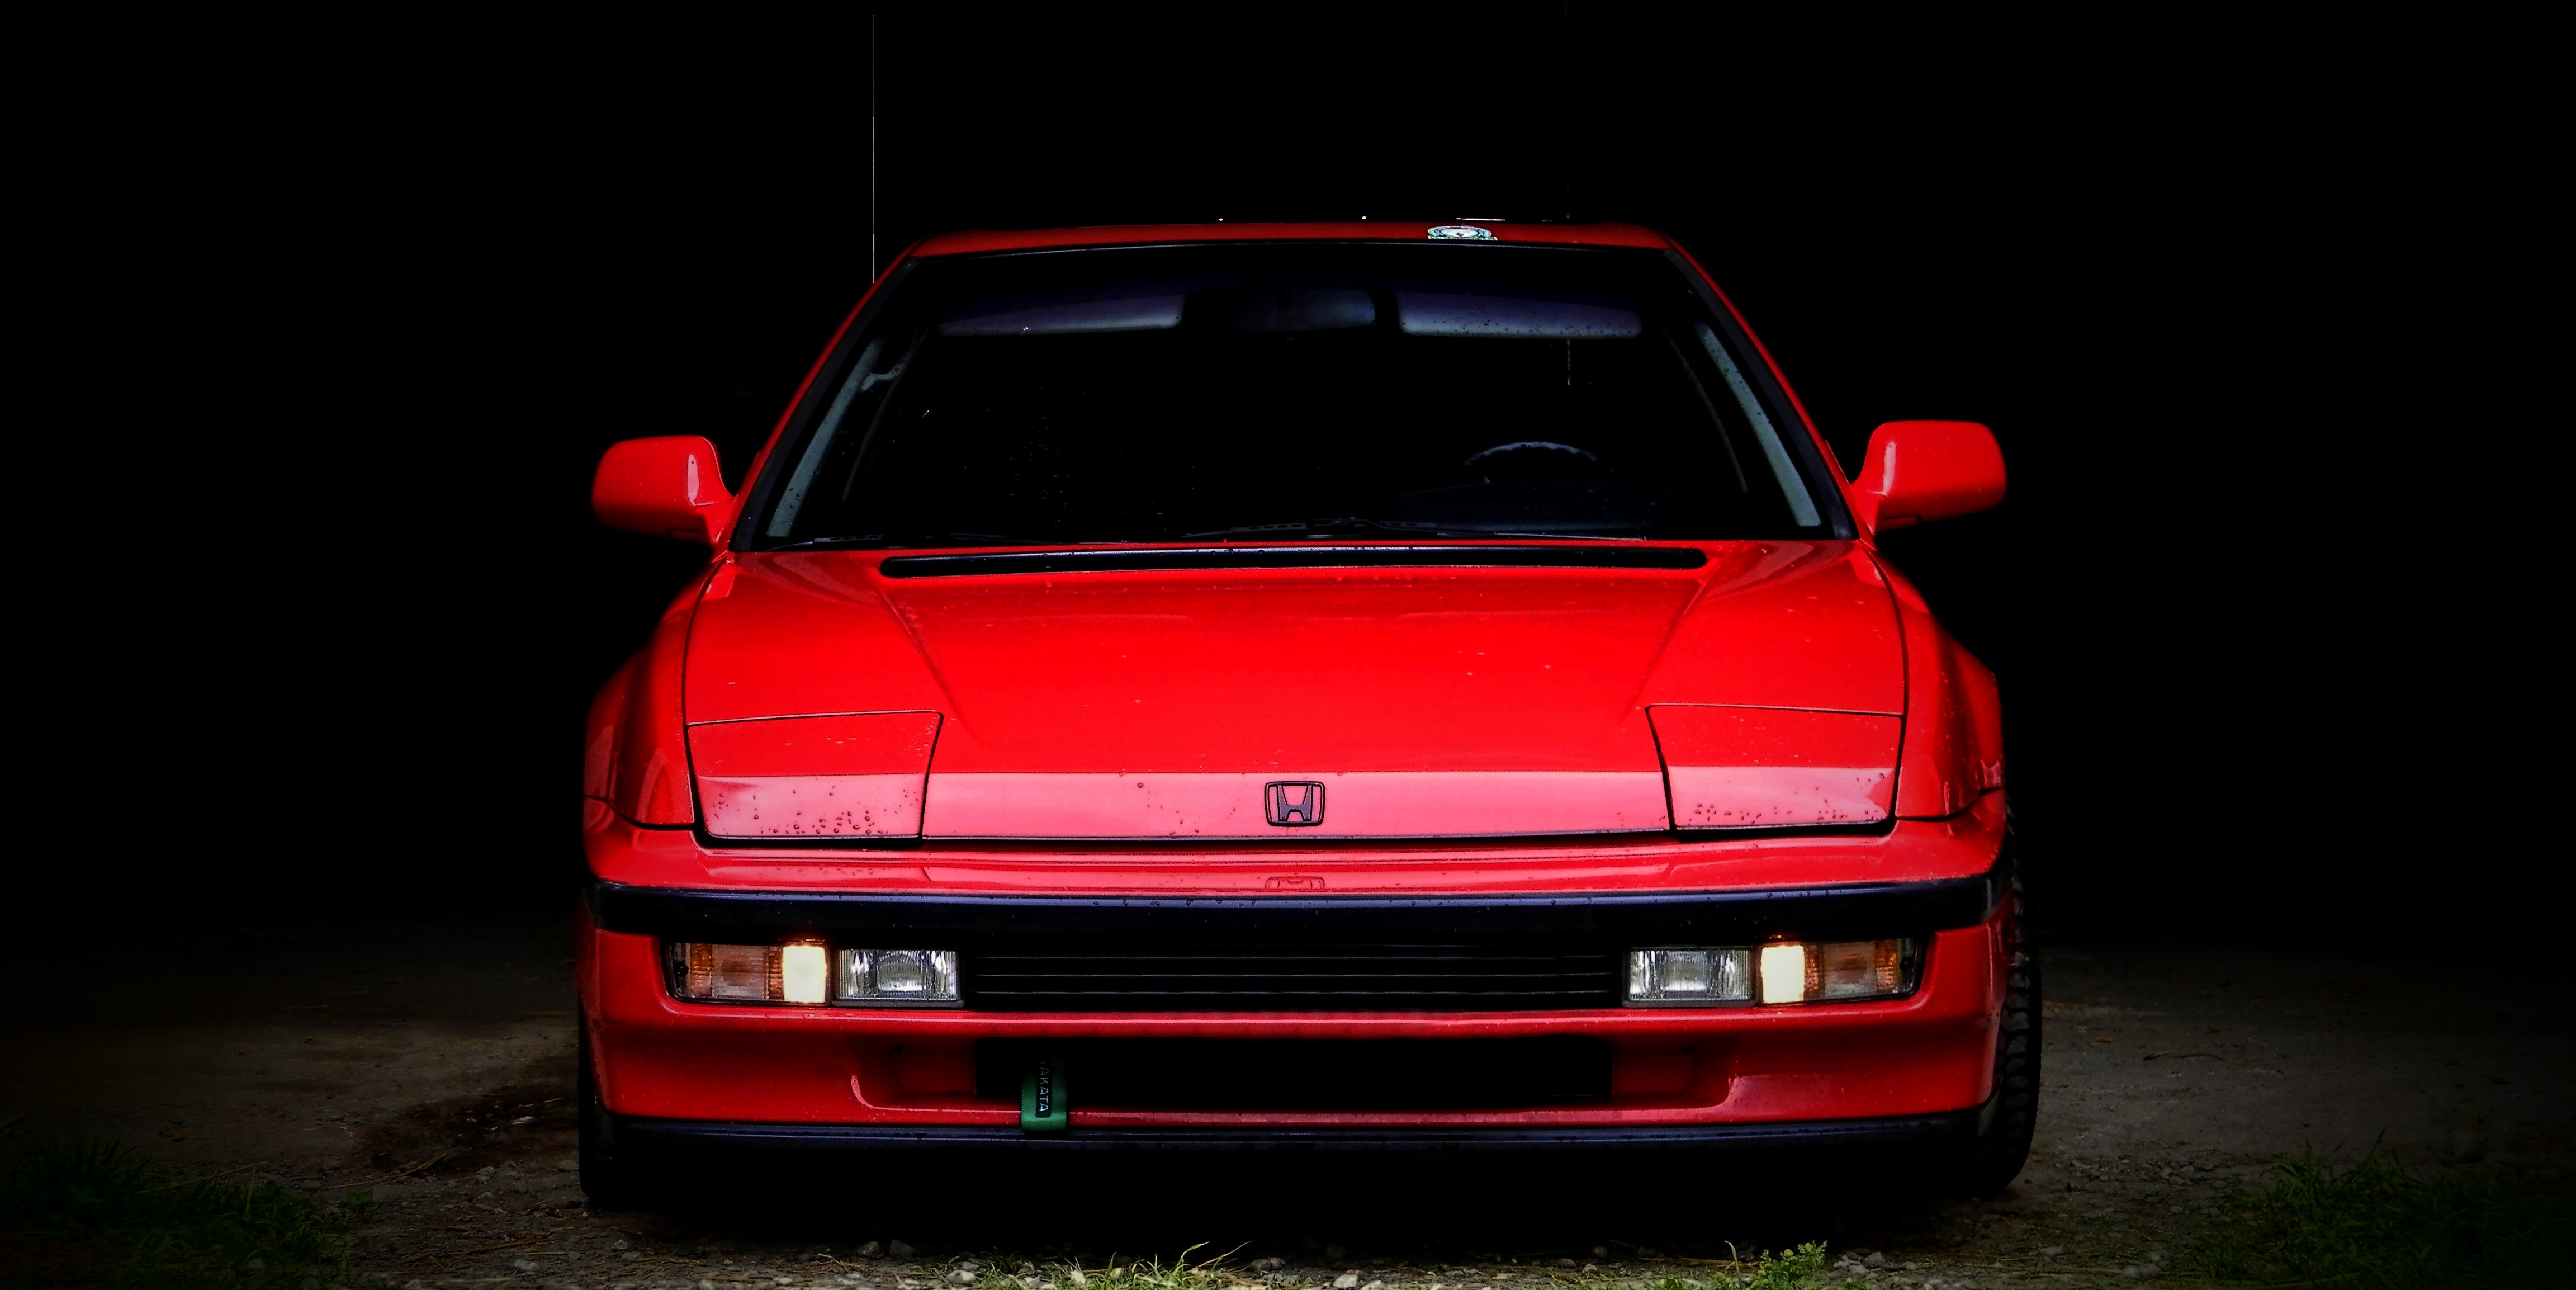 Tumblr Static Wfjrswsso G Goso Coow on 1991 Honda Prelude White